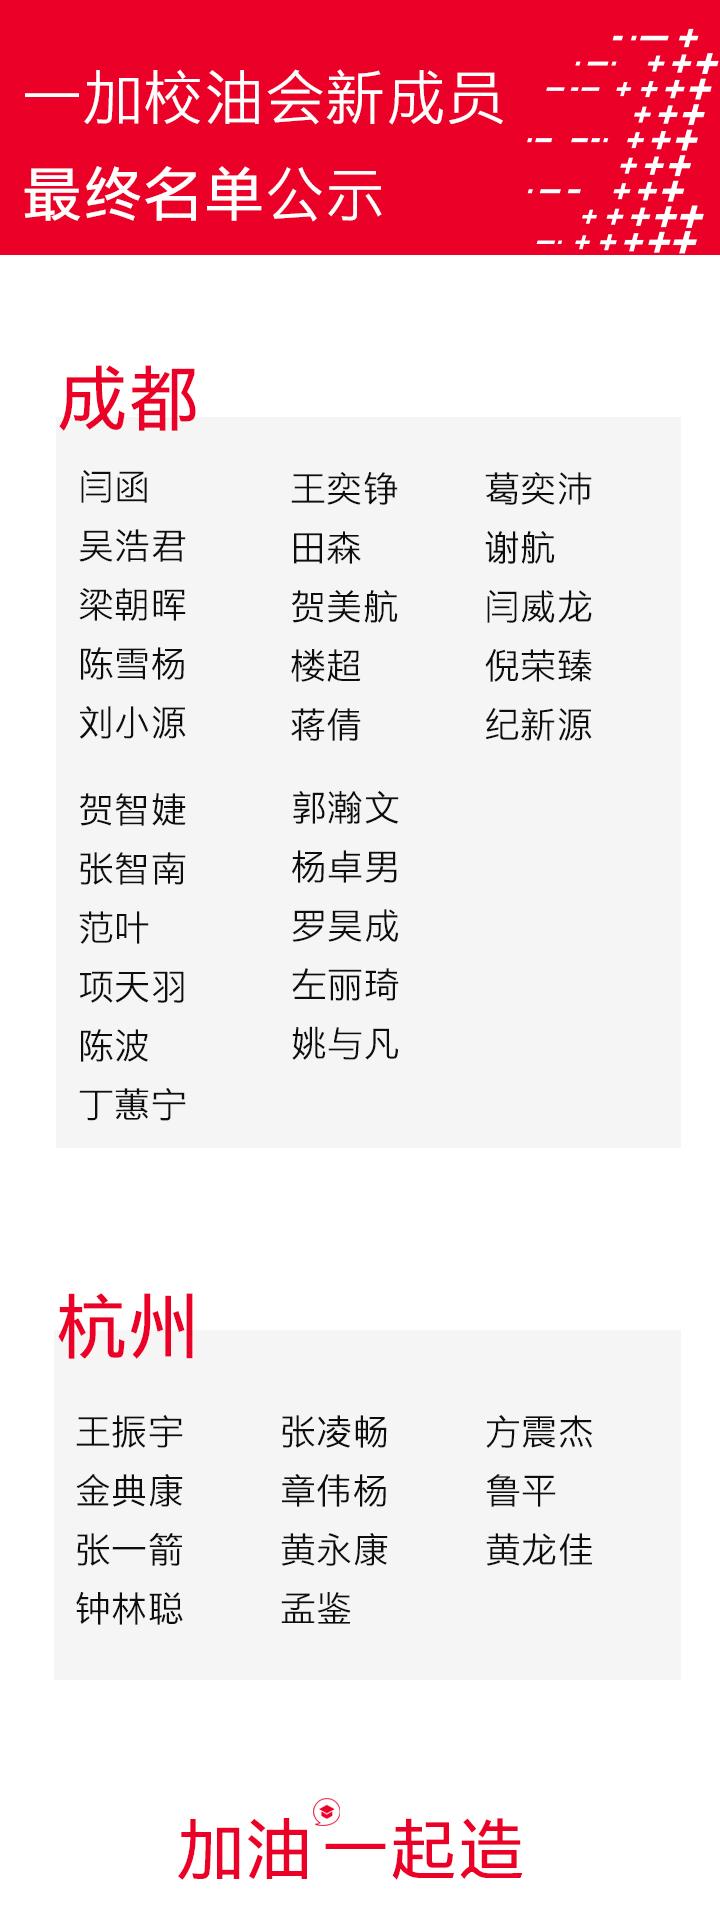 成都 杭州最终名单公示.jpg